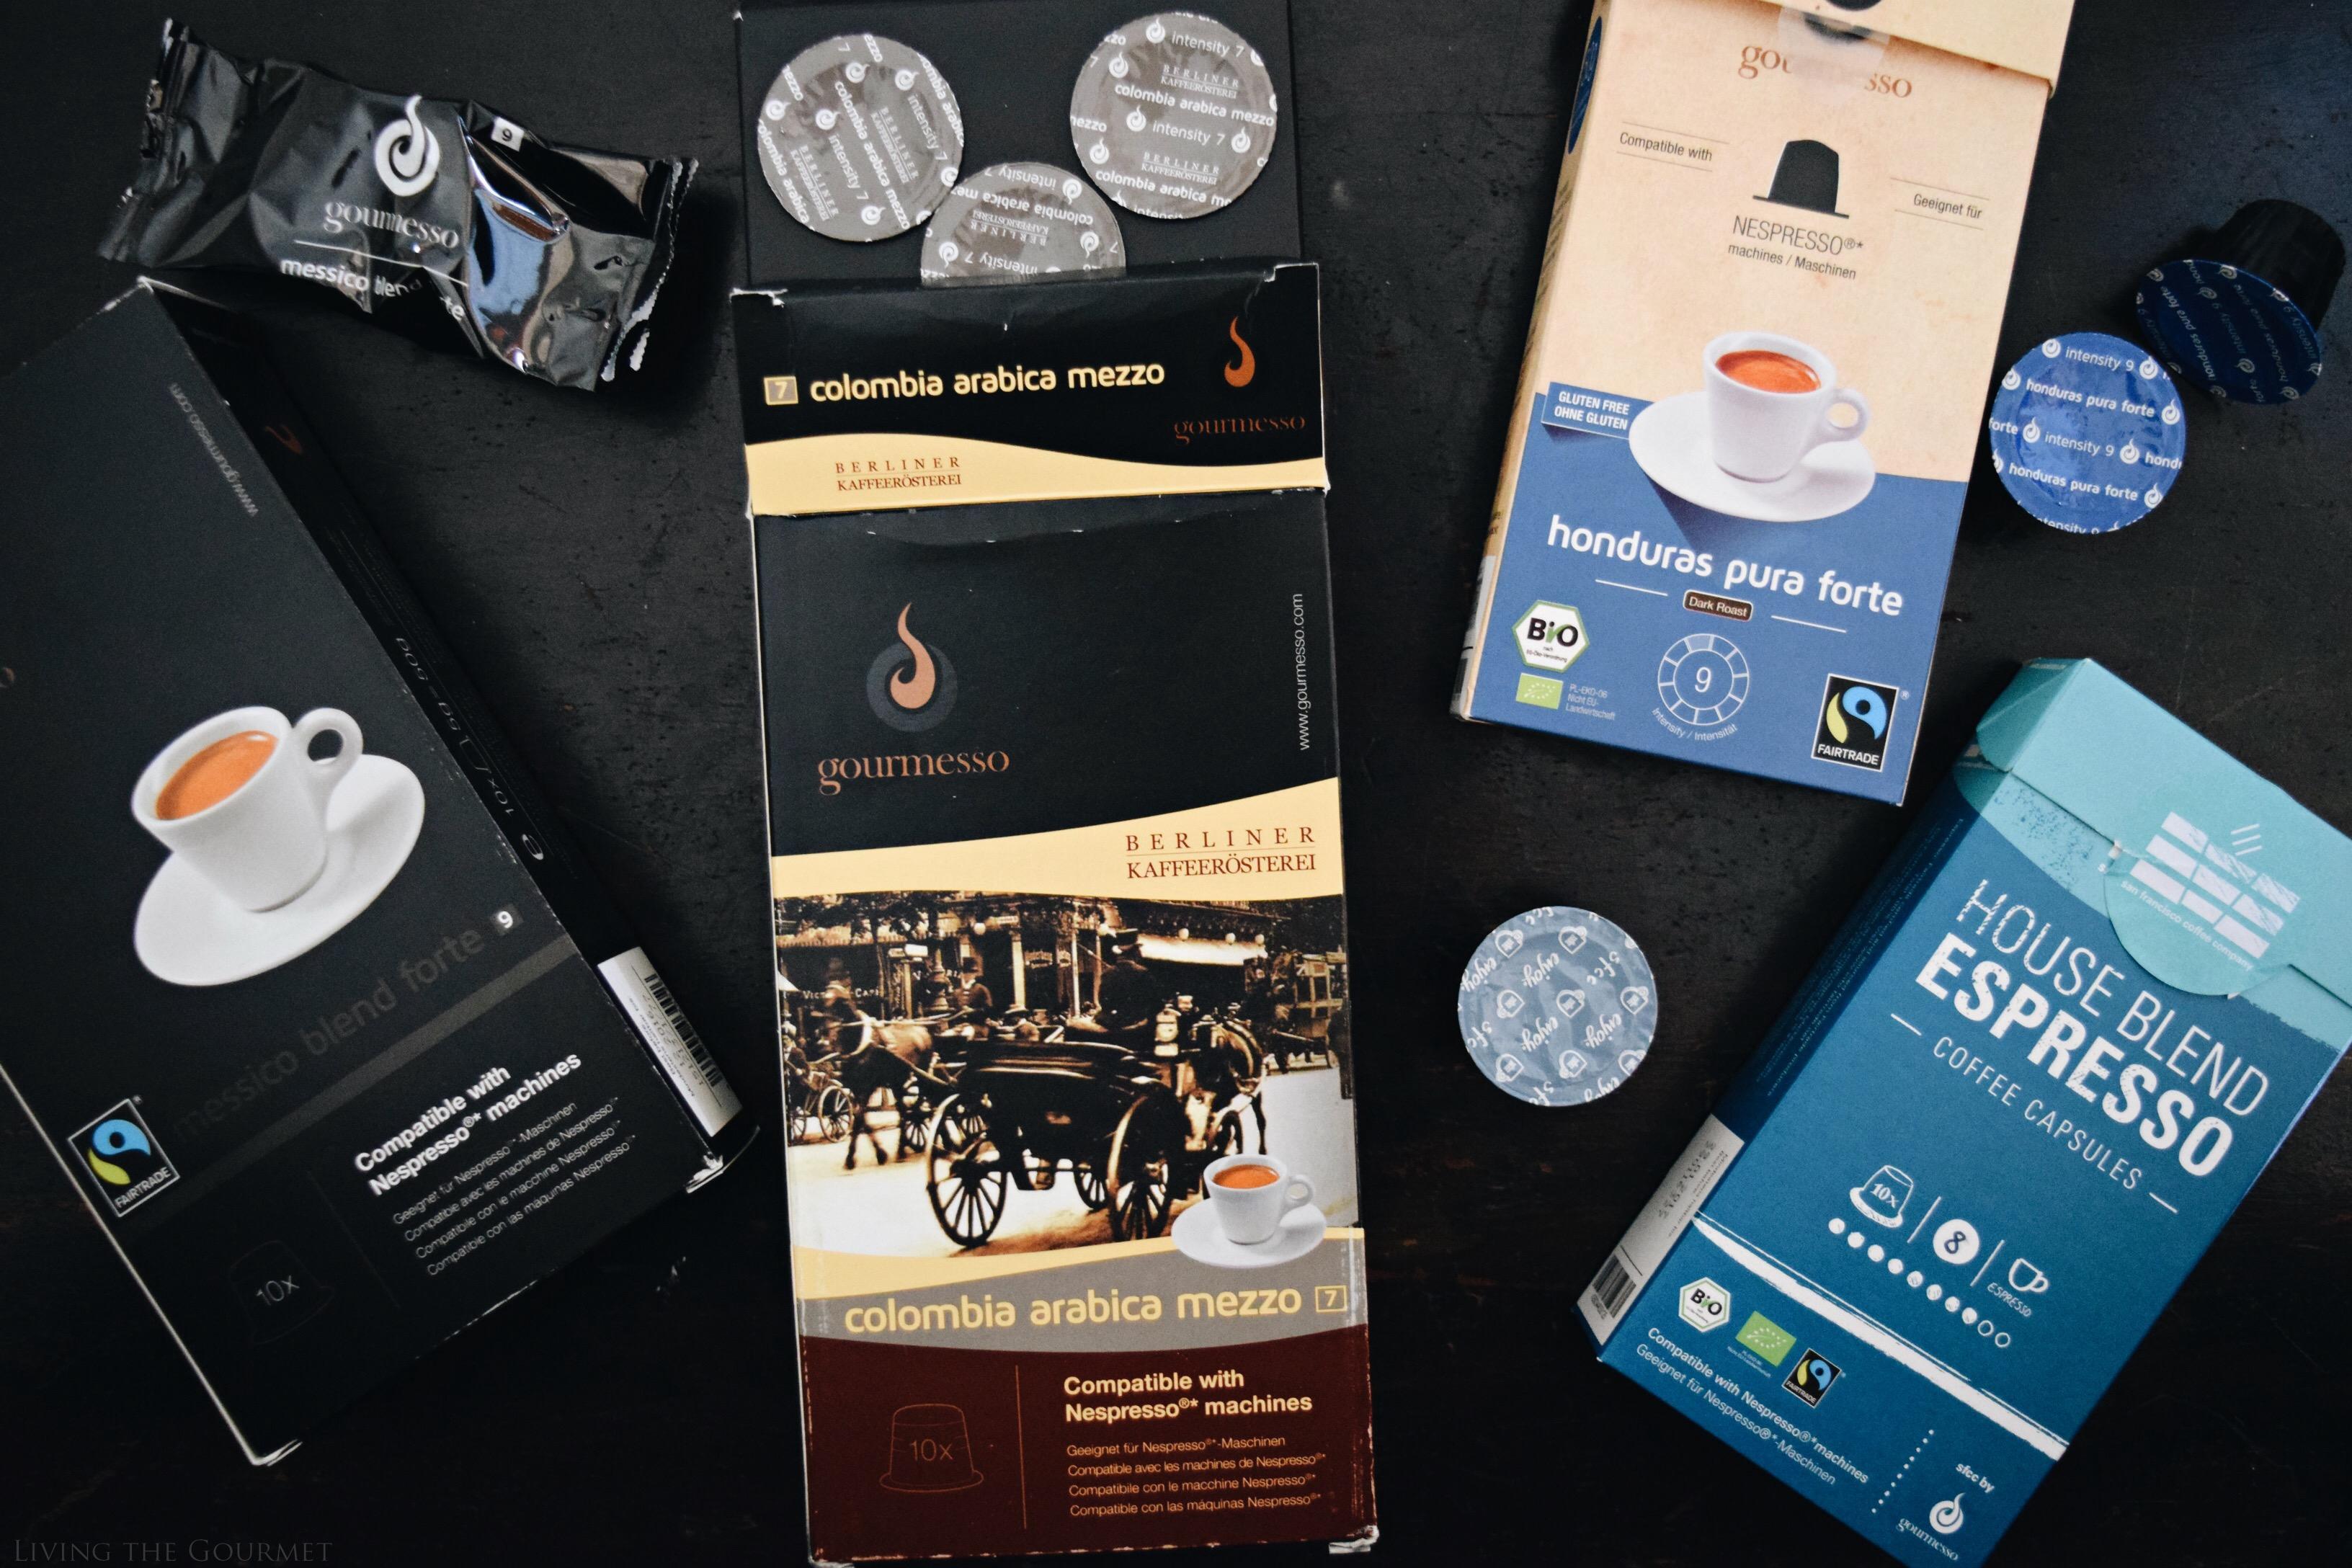 Living the Gourmet: Mason Jar Lid Pies & Gourmesso Espresso